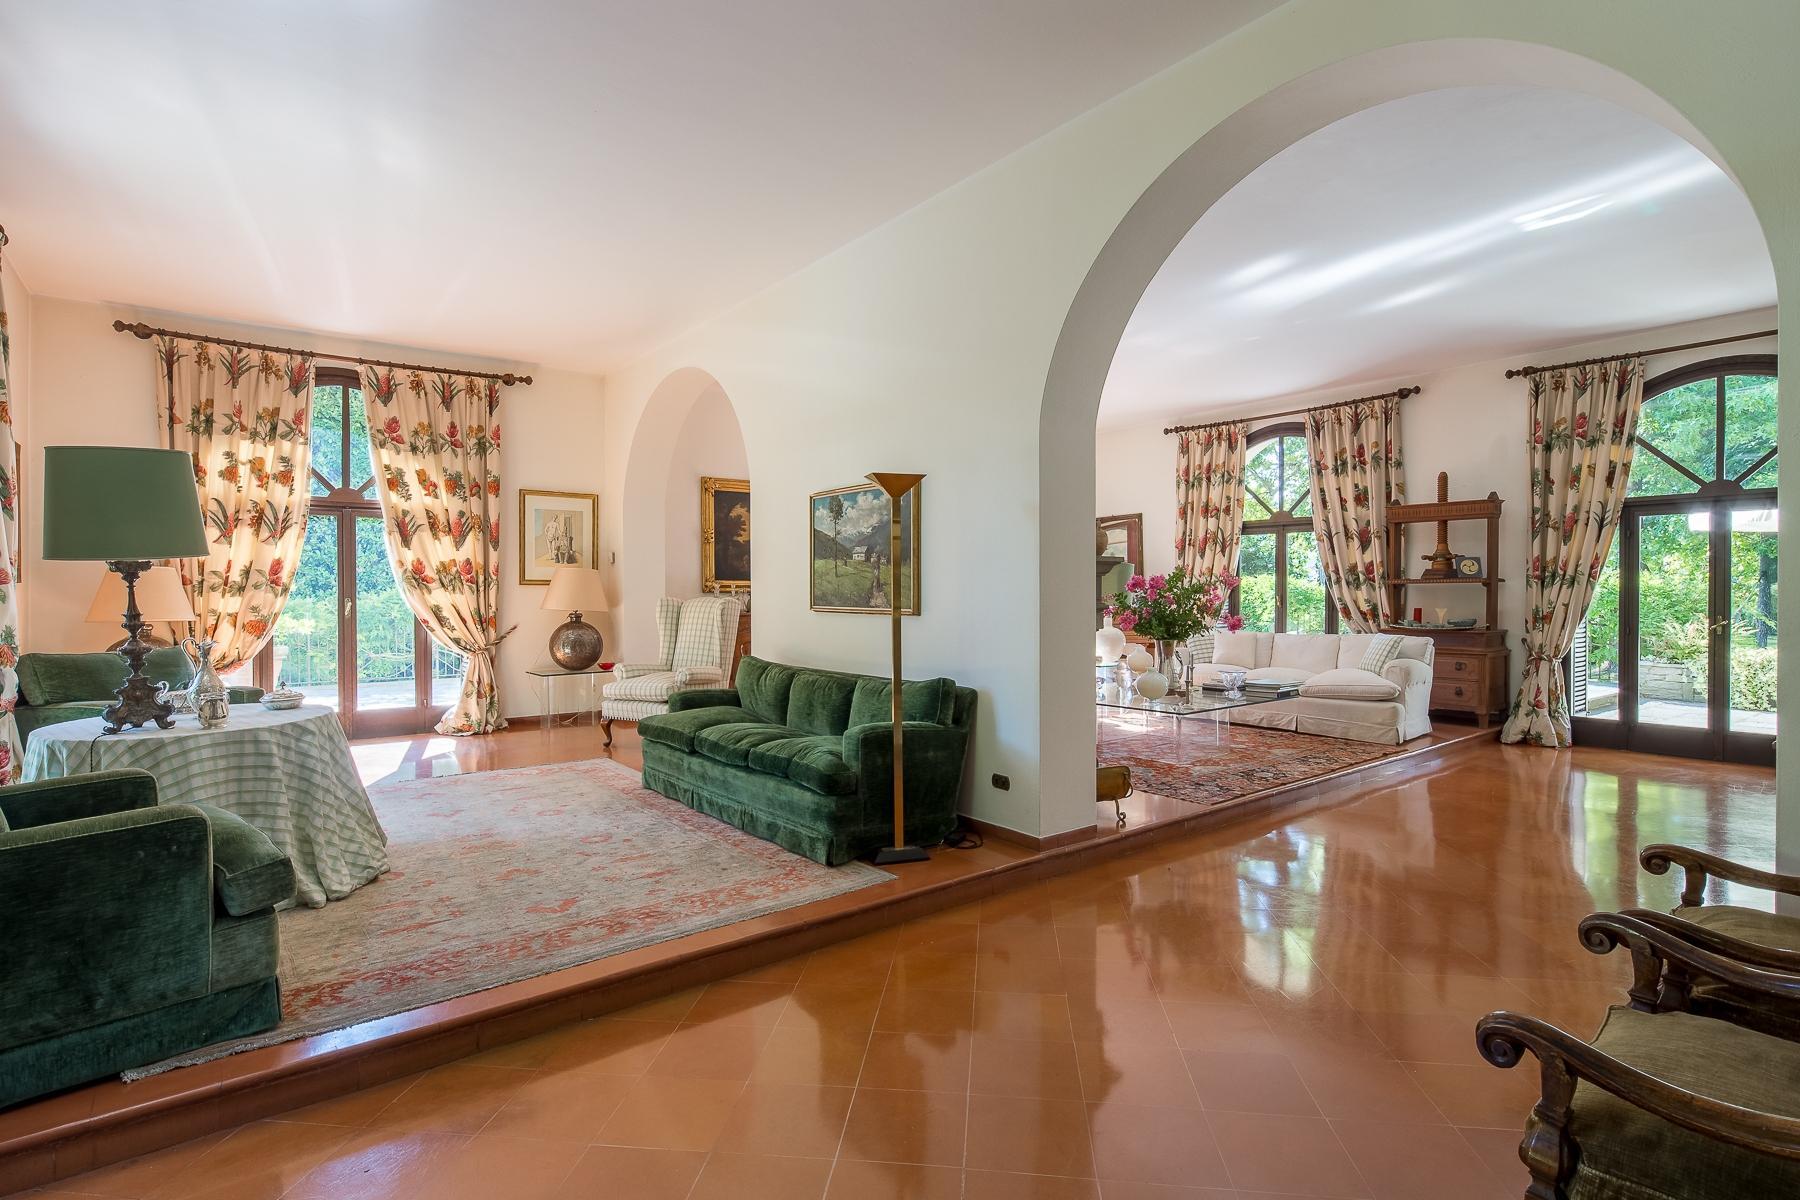 位于Ticino河岸边配有游泳池的别墅 - 9